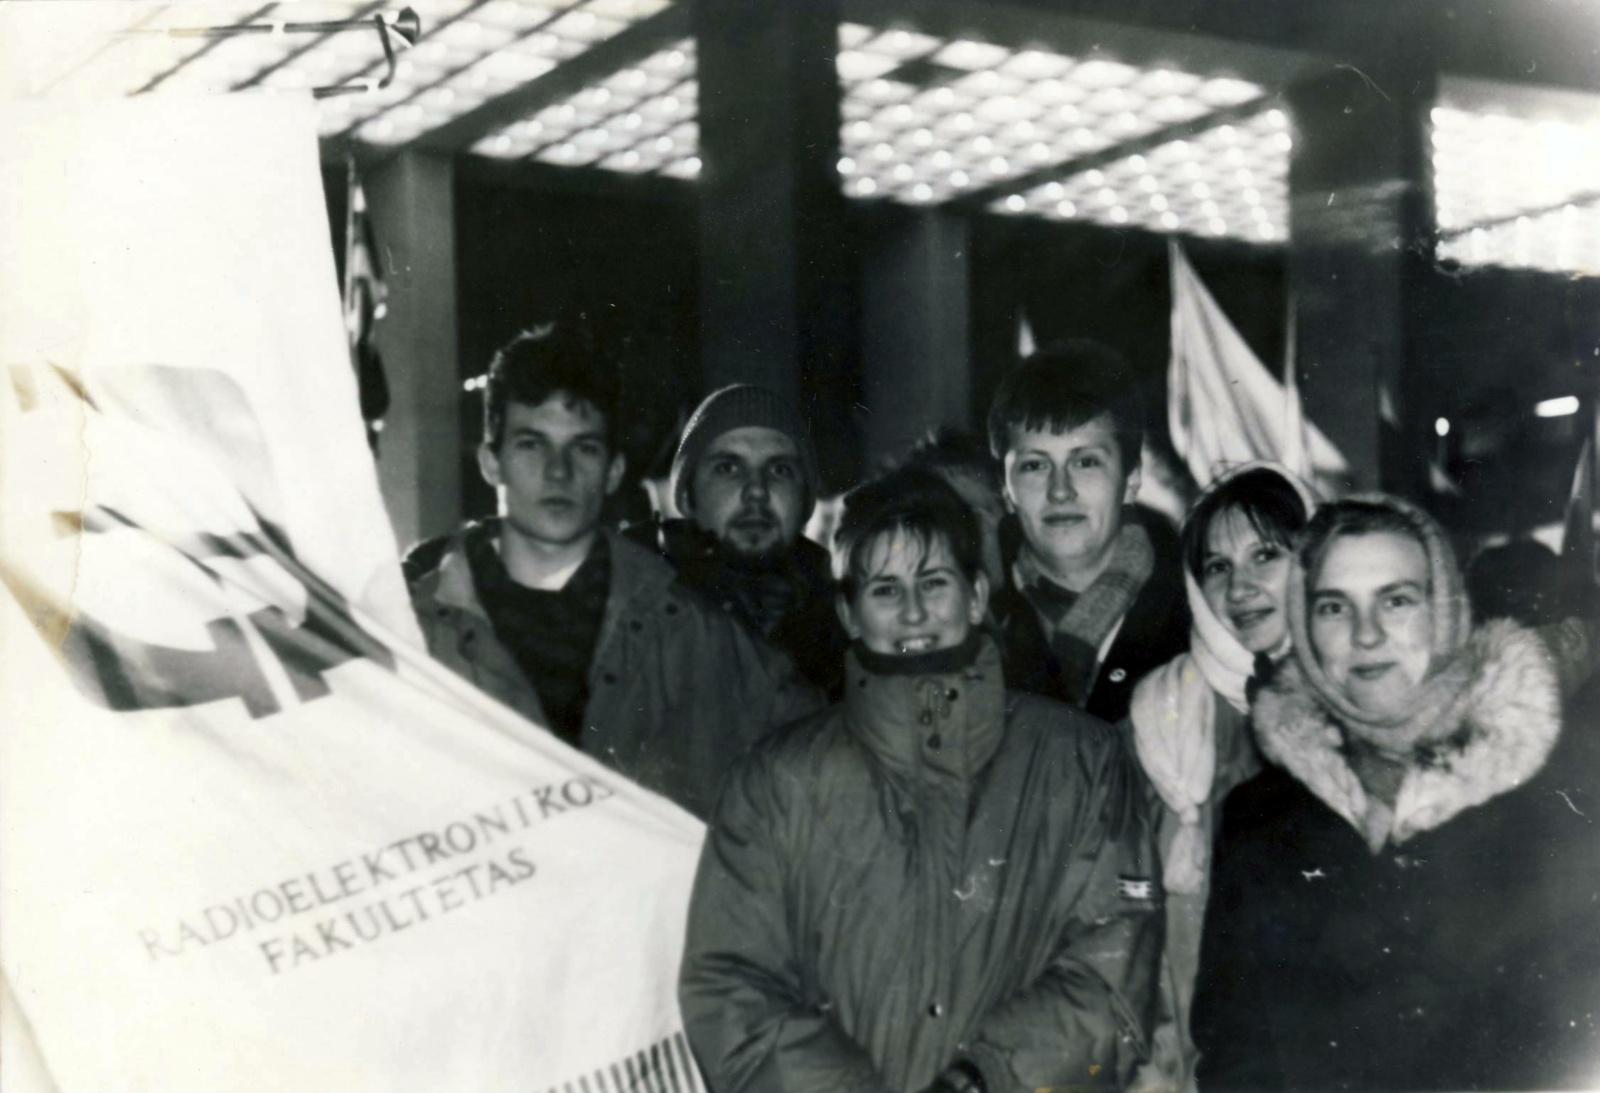 Sausio 13-ąją prisimenant: kovodami už laisvę KTU žmonės prisidėjo drąsa ir žiniomis